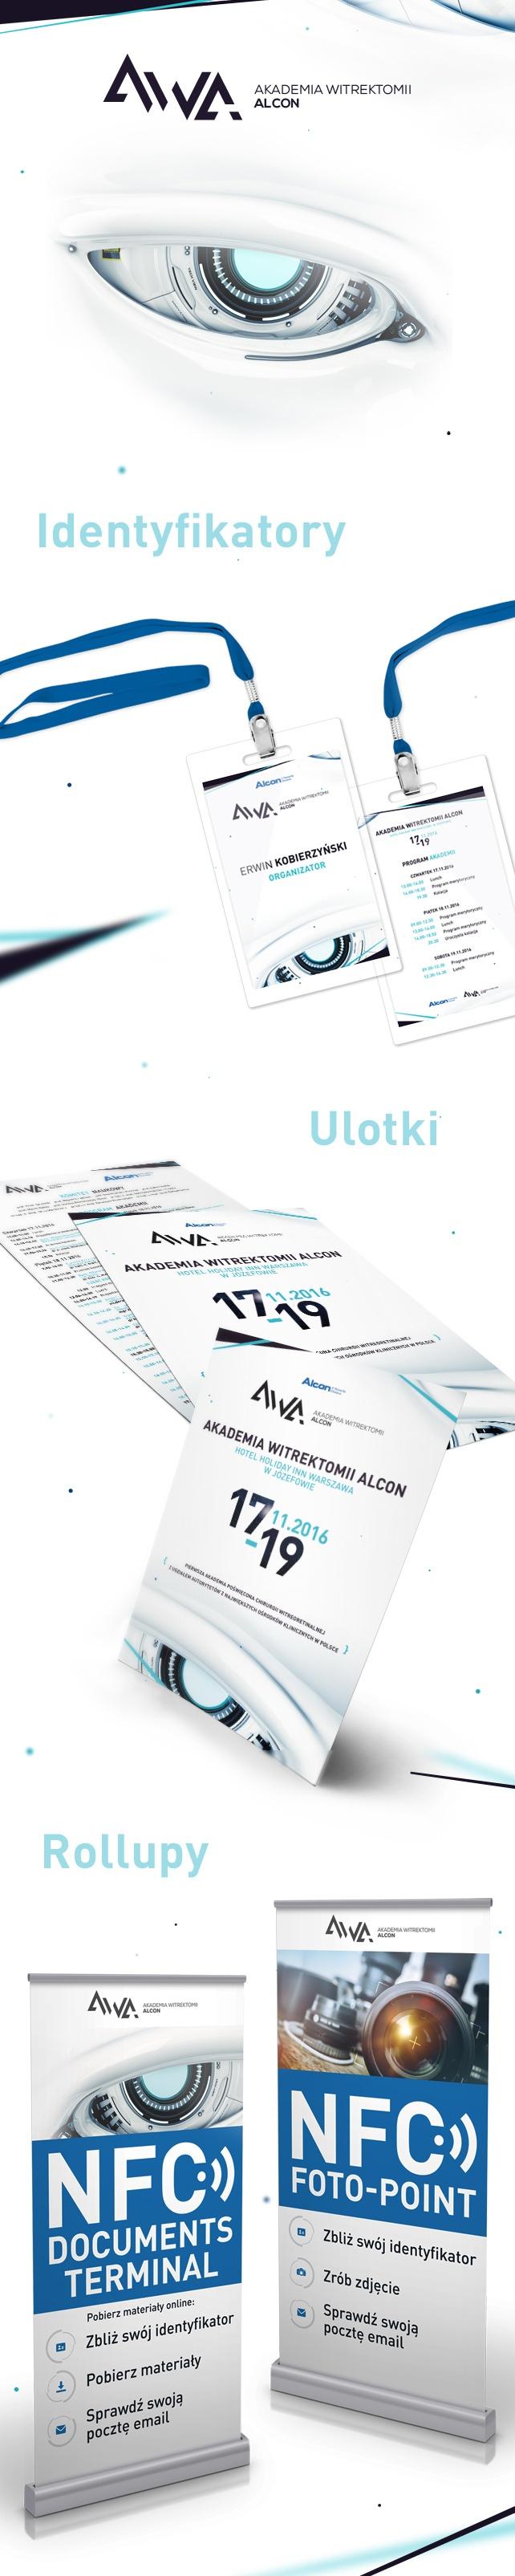 Identyfikacja wizualna, projekt graficzny ALCON